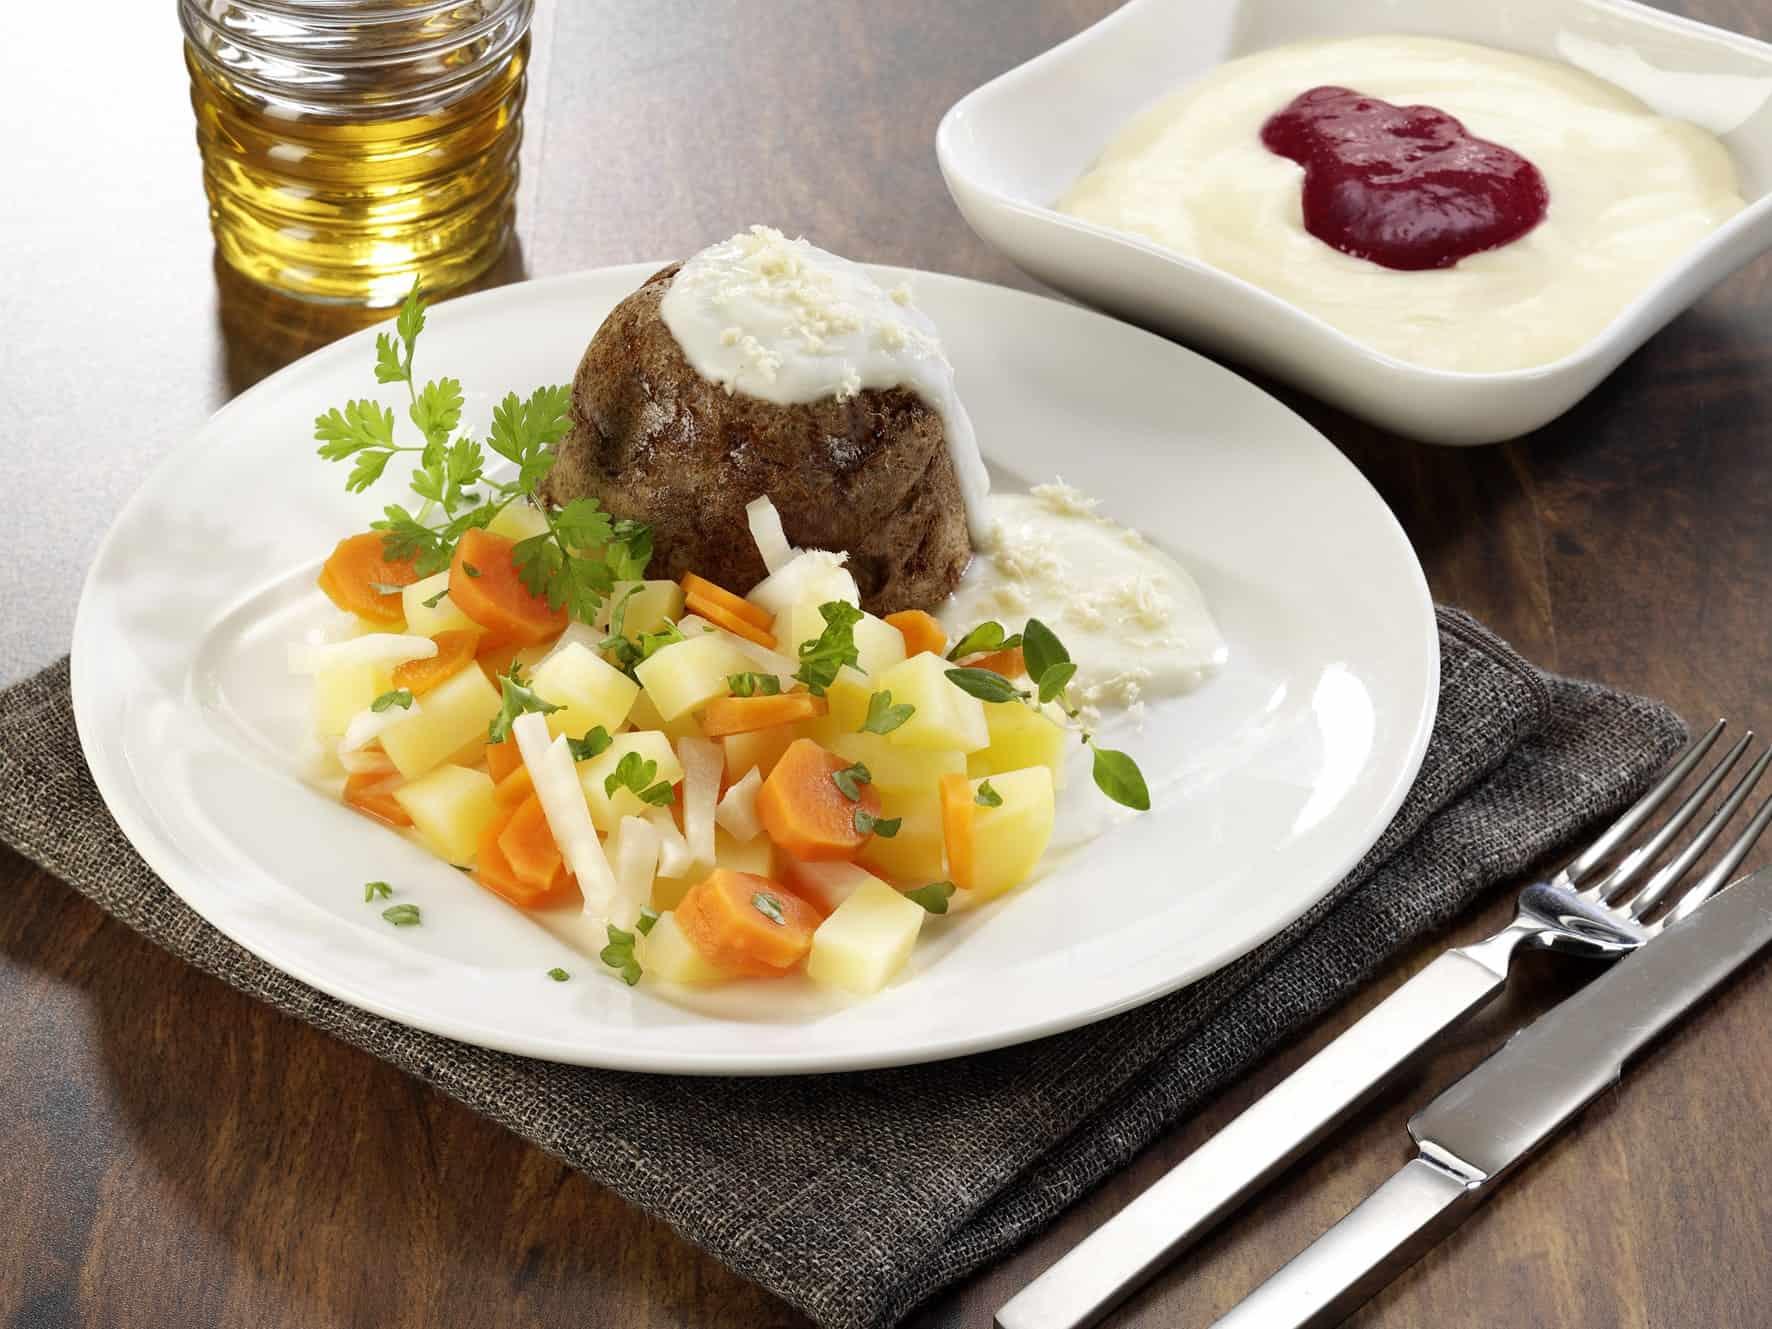 Tafelspitz mit Kartoffel-, Karotten- Selleriegemüse (Foto: DGE/Fit im Alter)